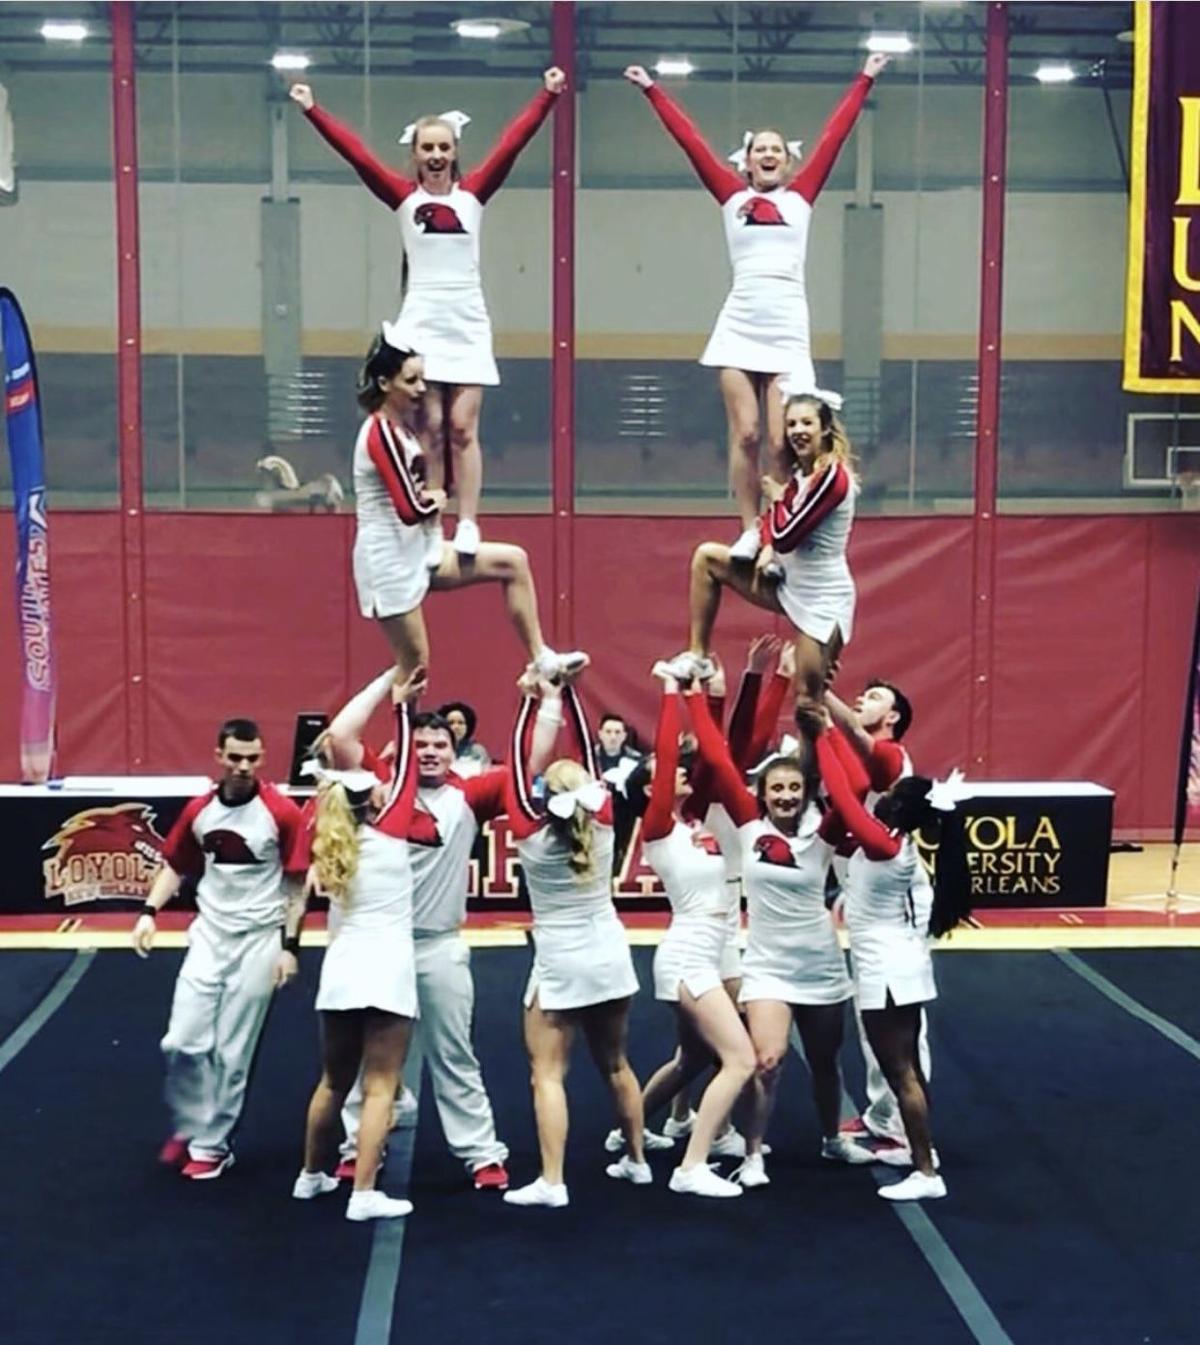 Redhawk cheerleaders in action